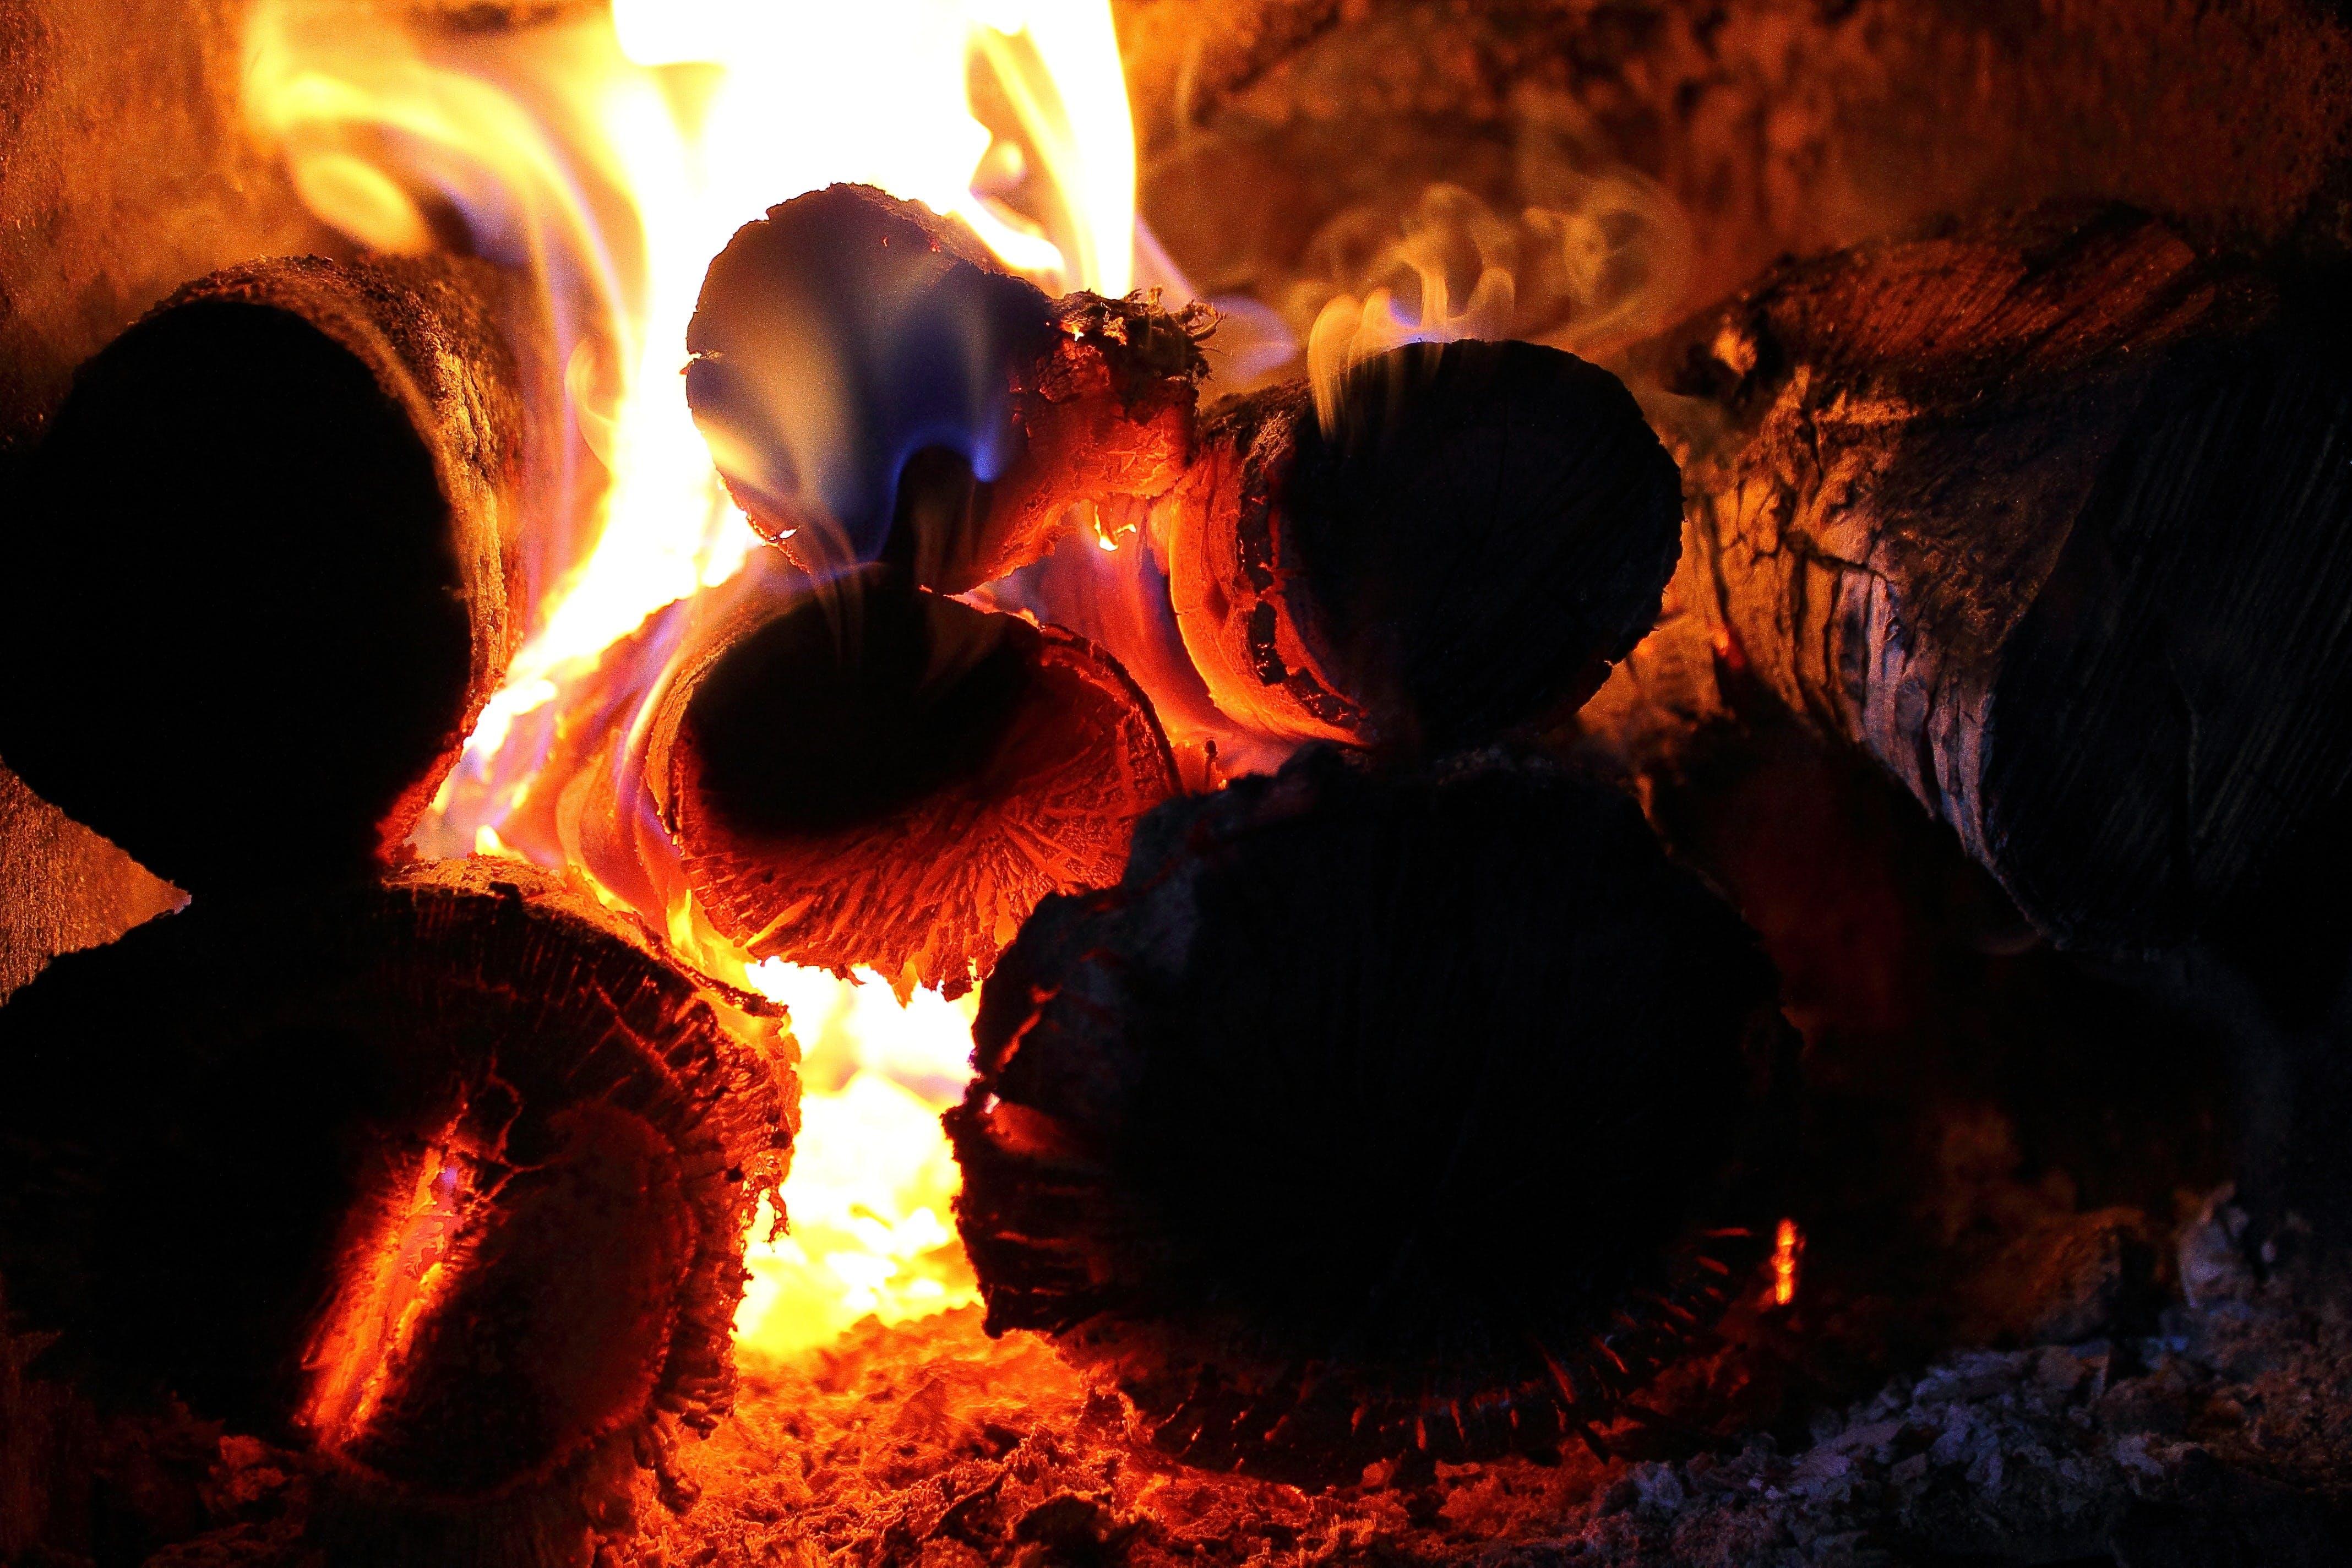 Kostnadsfri bild av bål, brand, brinnande, flamma